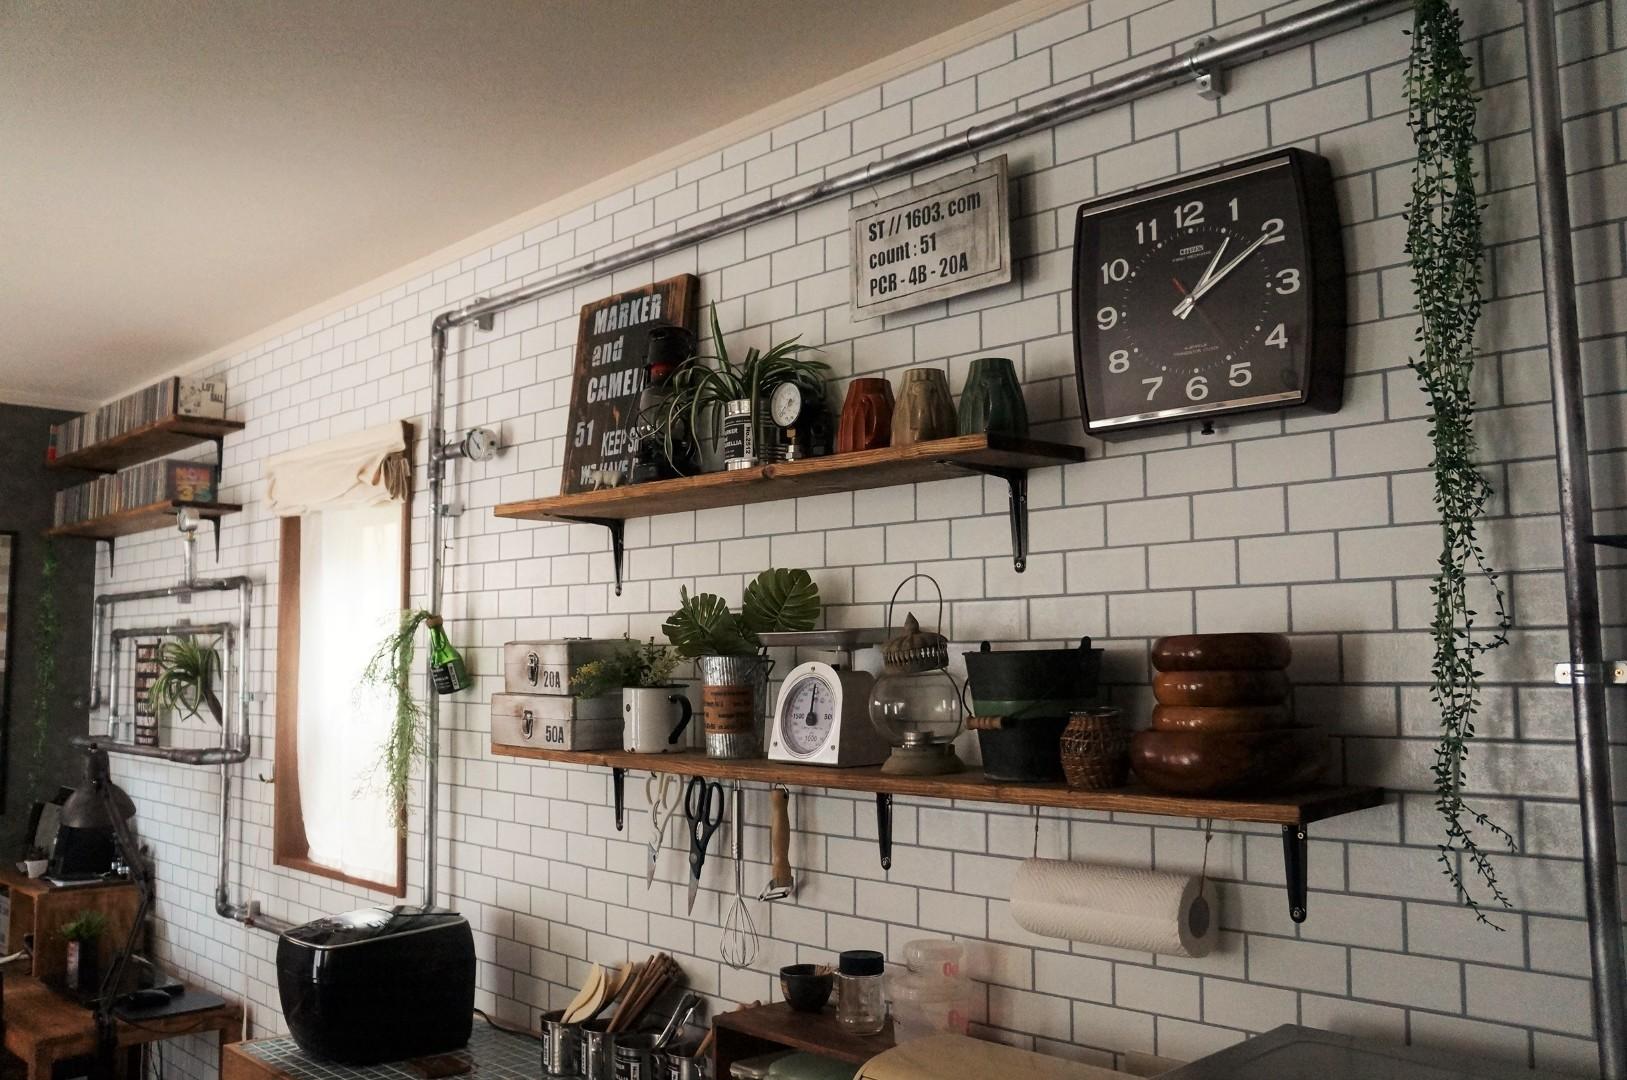 Maca Prod が投稿したフォト キッチン背面は タイル調の壁紙に貼り替えて 飾り棚を付け 奥 16 05 24 11 36 57 Limia リミア